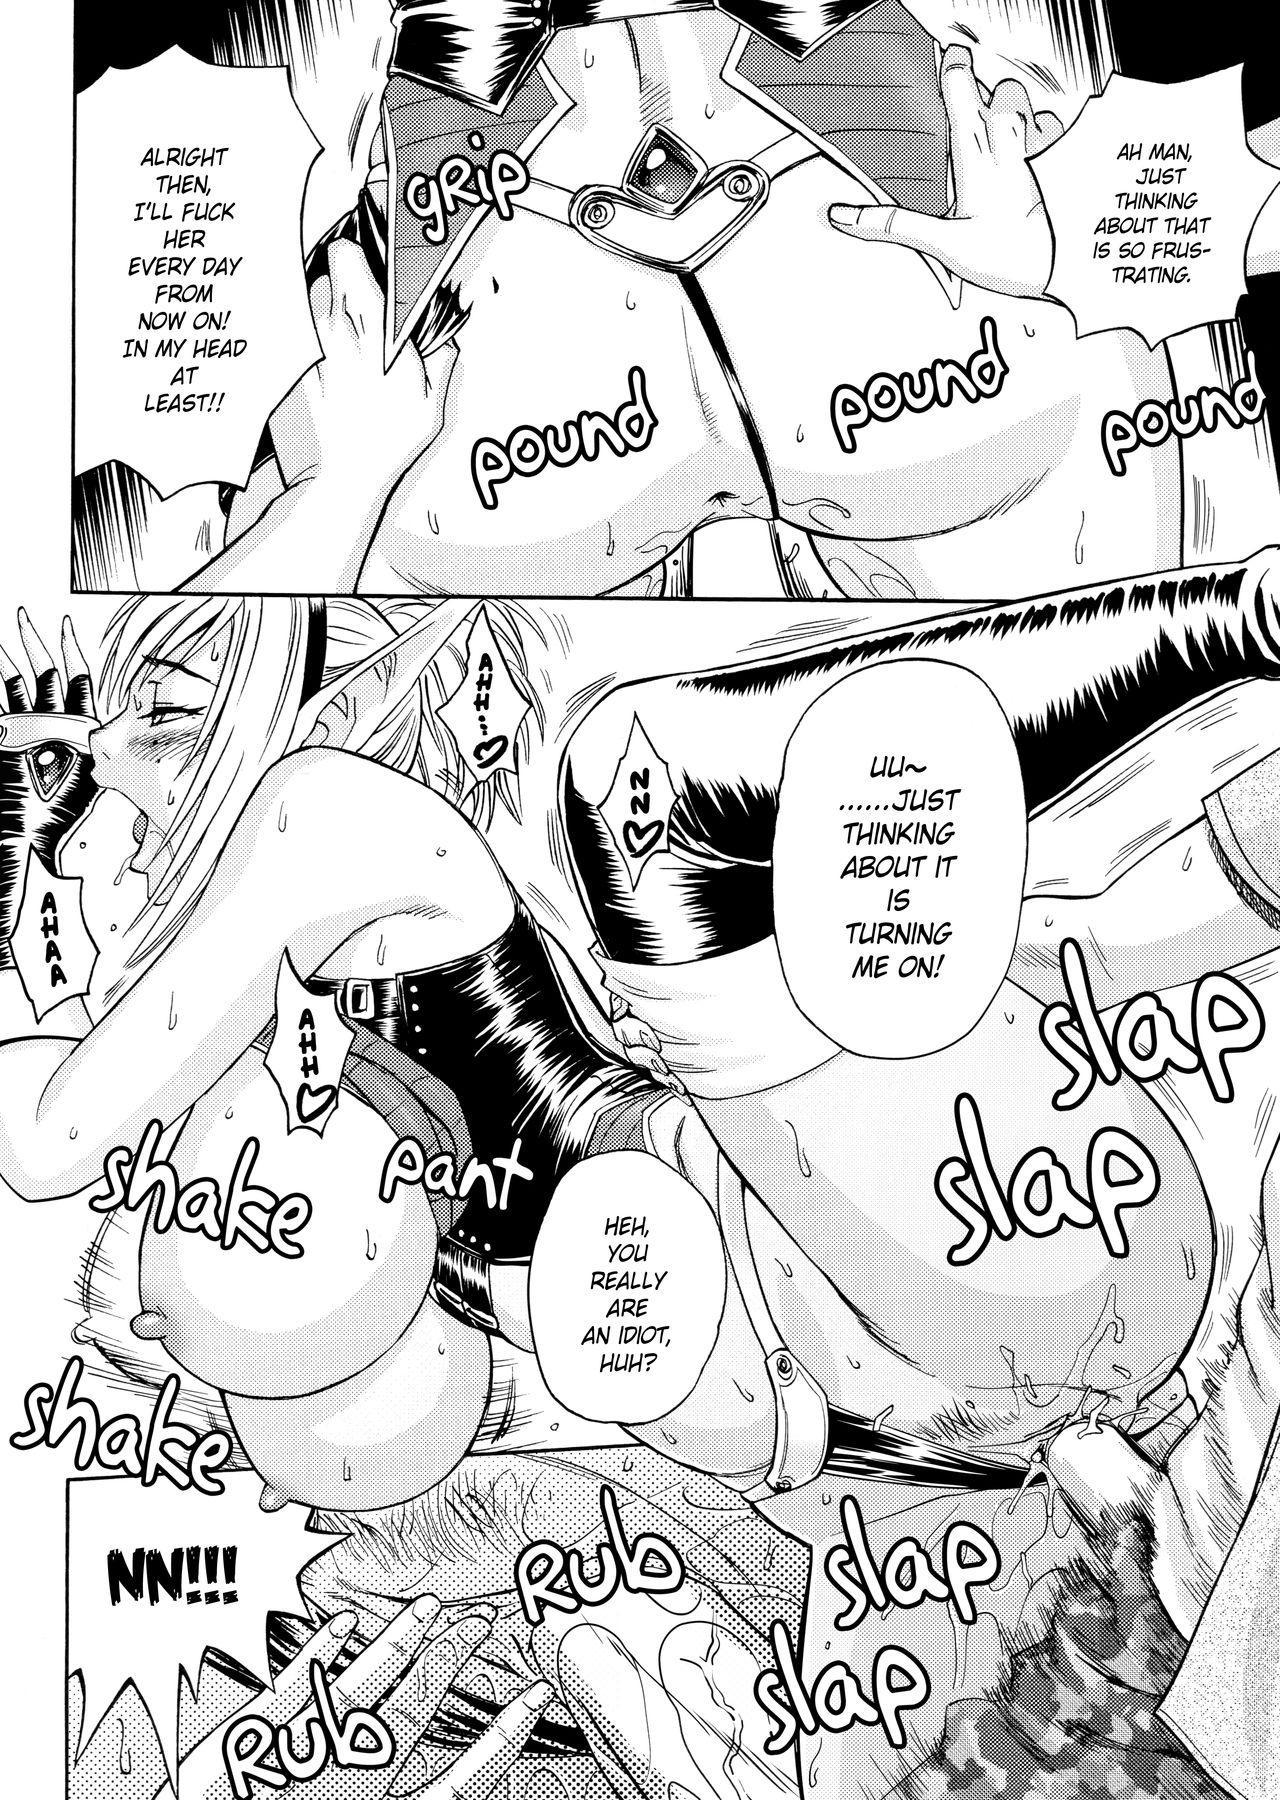 [Tatsunami Youtoku, Yamazaki Masato] Bijin Henshuu-chou no Himitsu | Beautiful Editor-in-Chief's Secret Ch. 1-3 [English] [Forbiddenfetish77, Red Vodka] [Decensored] 19